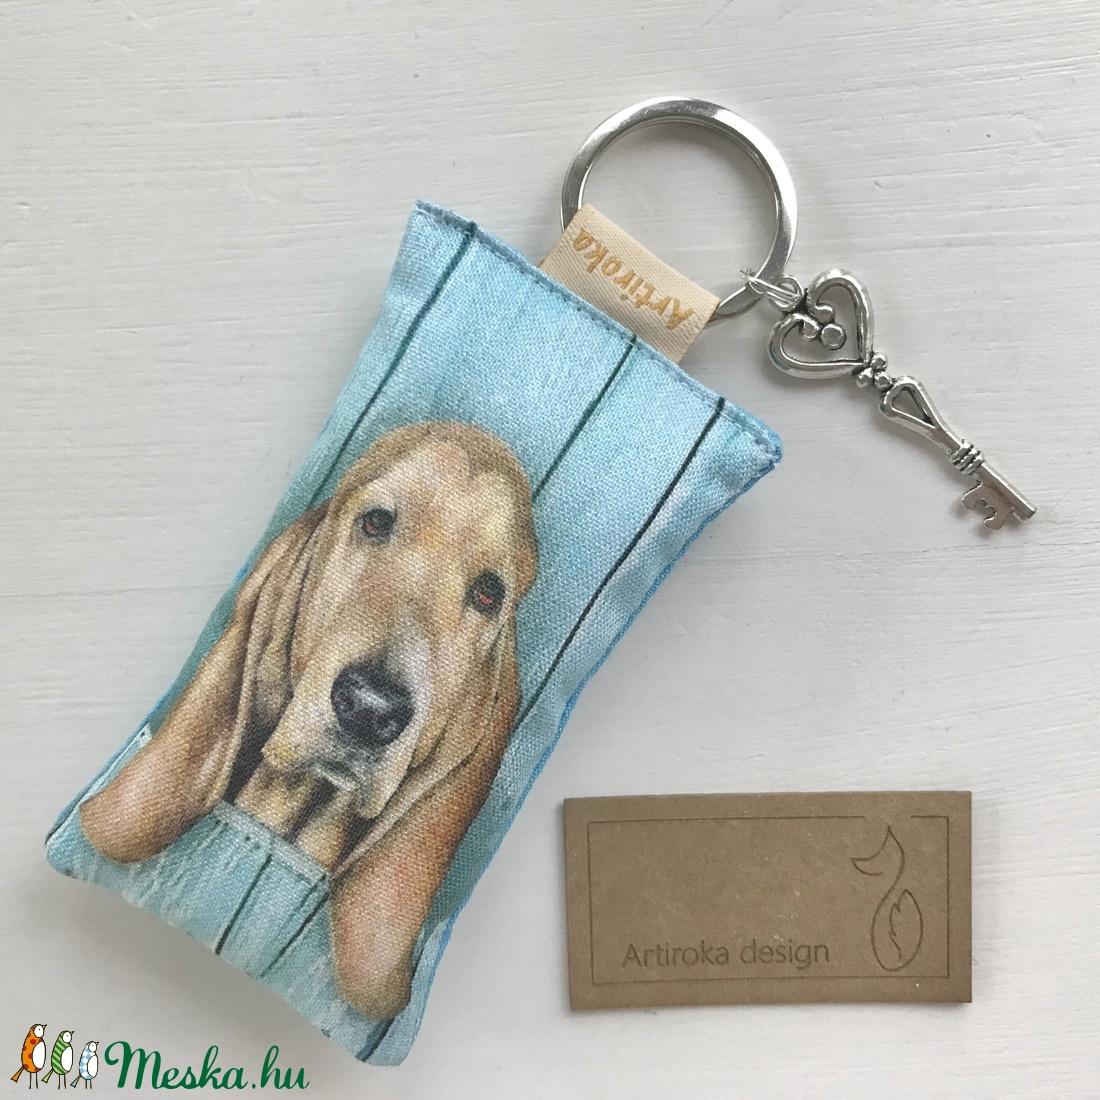 Kutya mintás kulcstartó, kis vintage kulccsal   - Artiroka design - táska & tok - kulcstartó & táskadísz - kulcstartó - Meska.hu